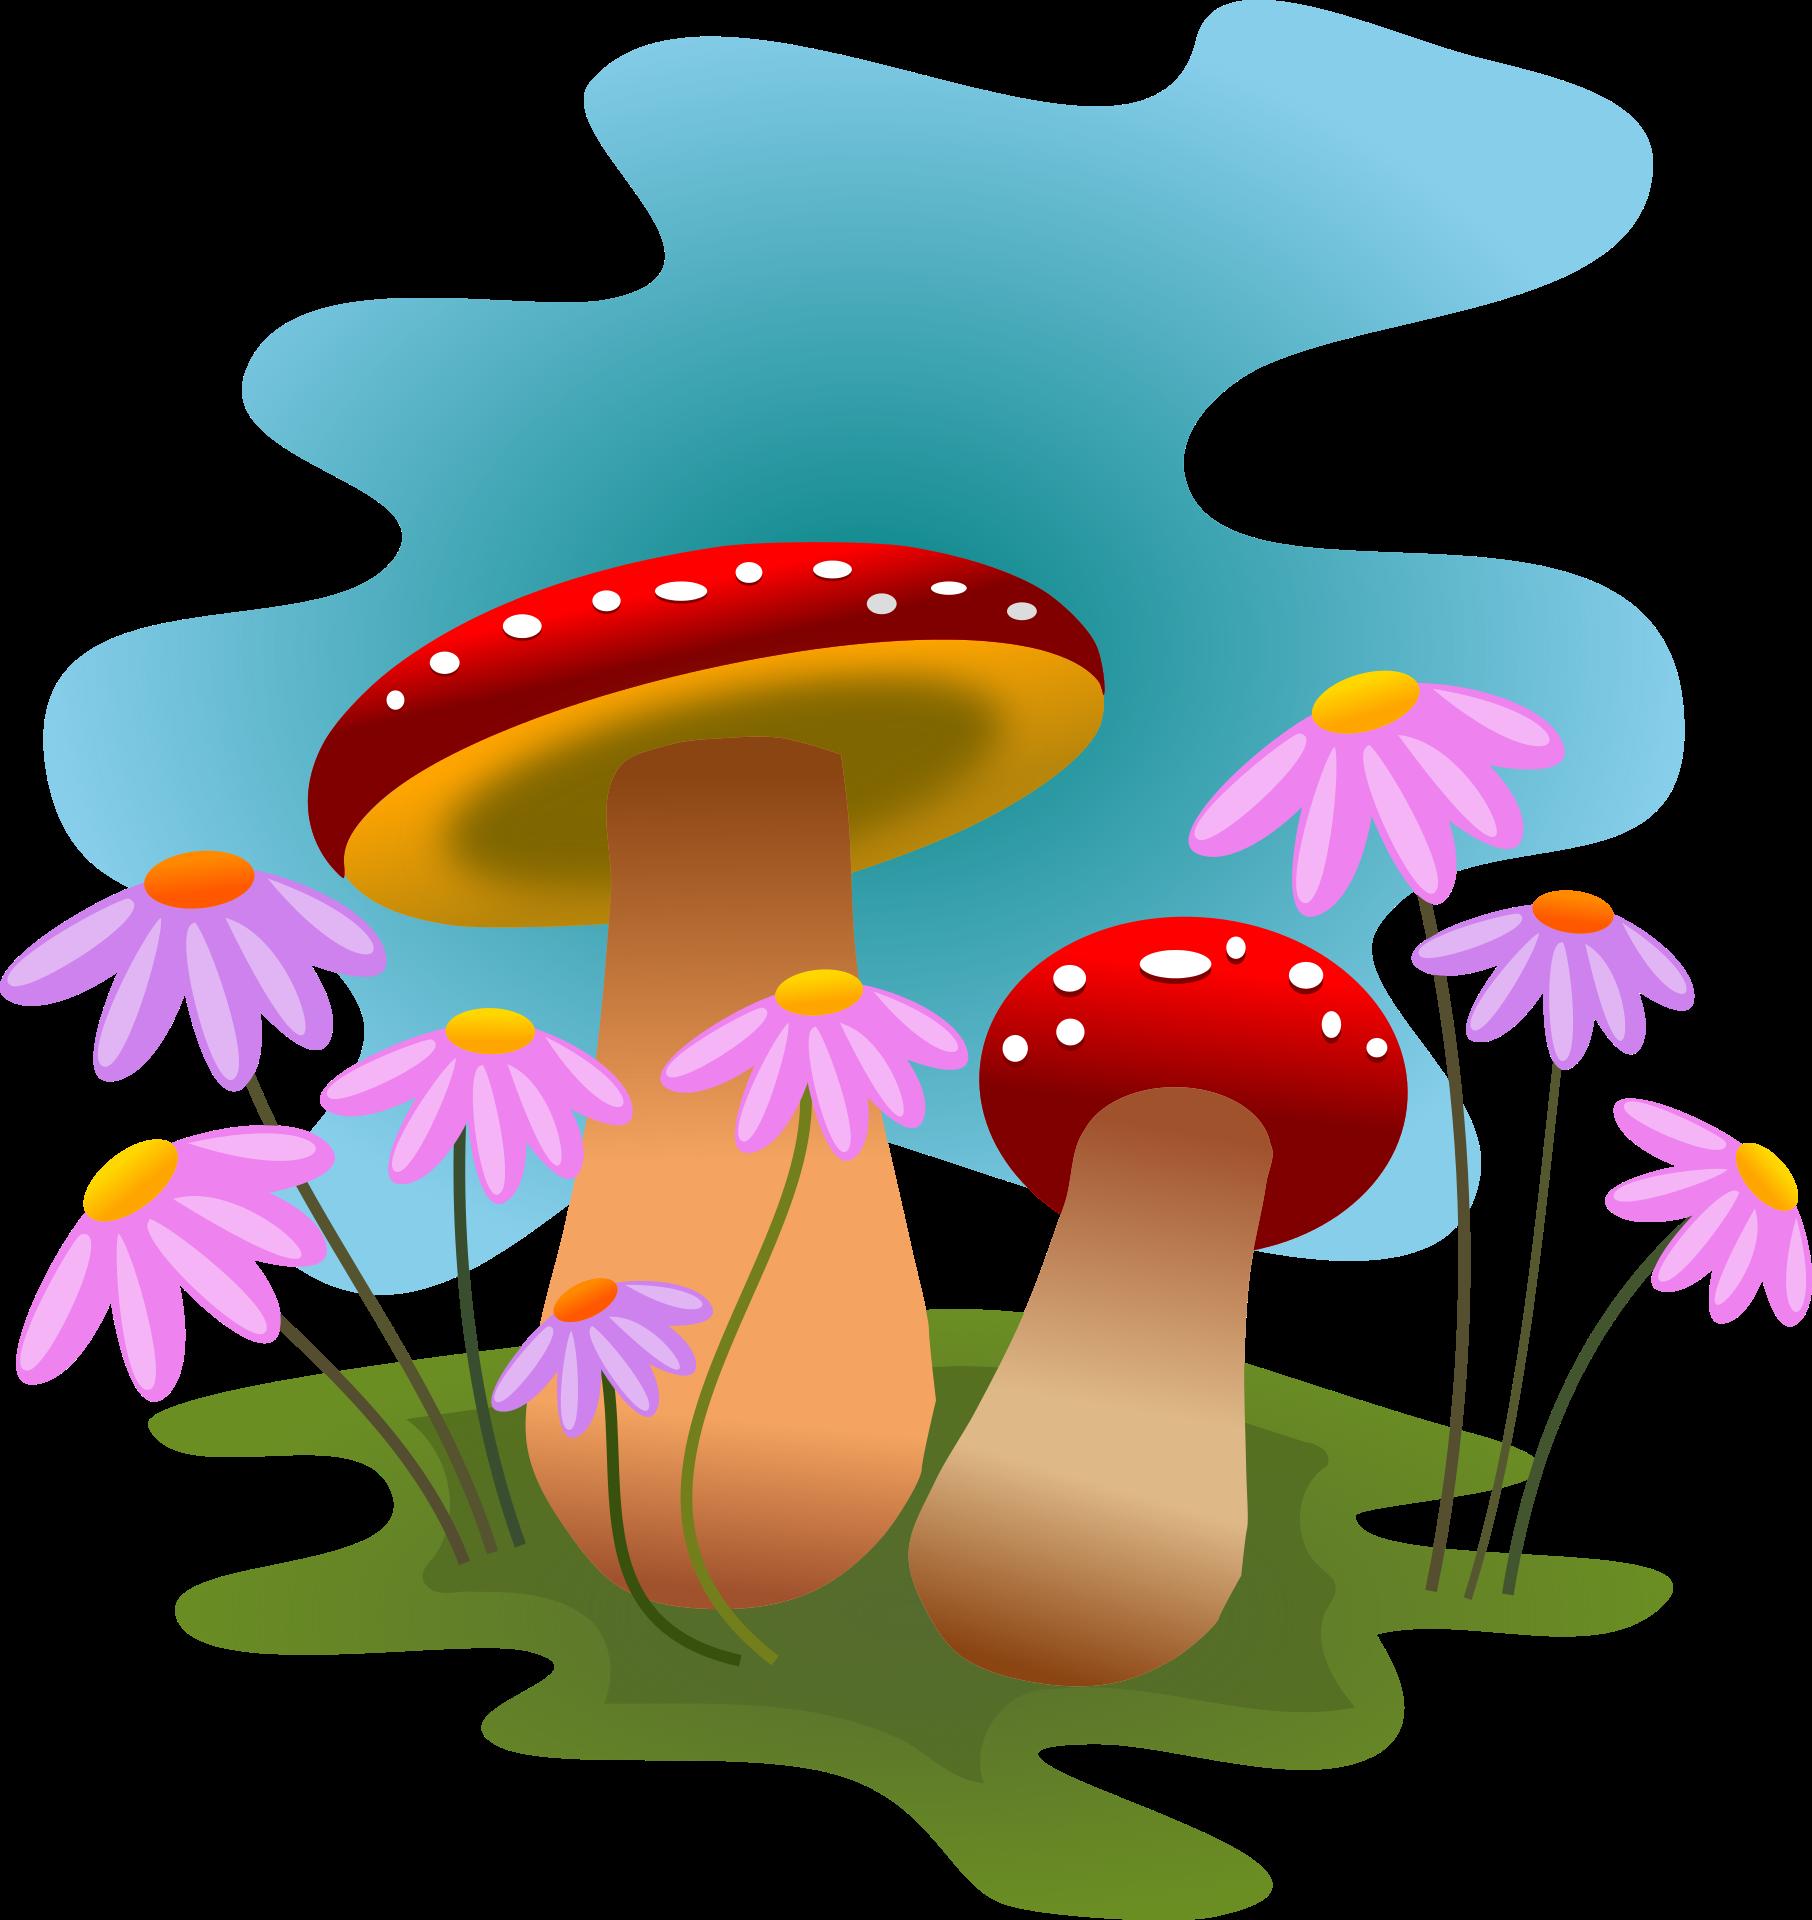 Clipart grass mushroom. Fungi at getdrawings com